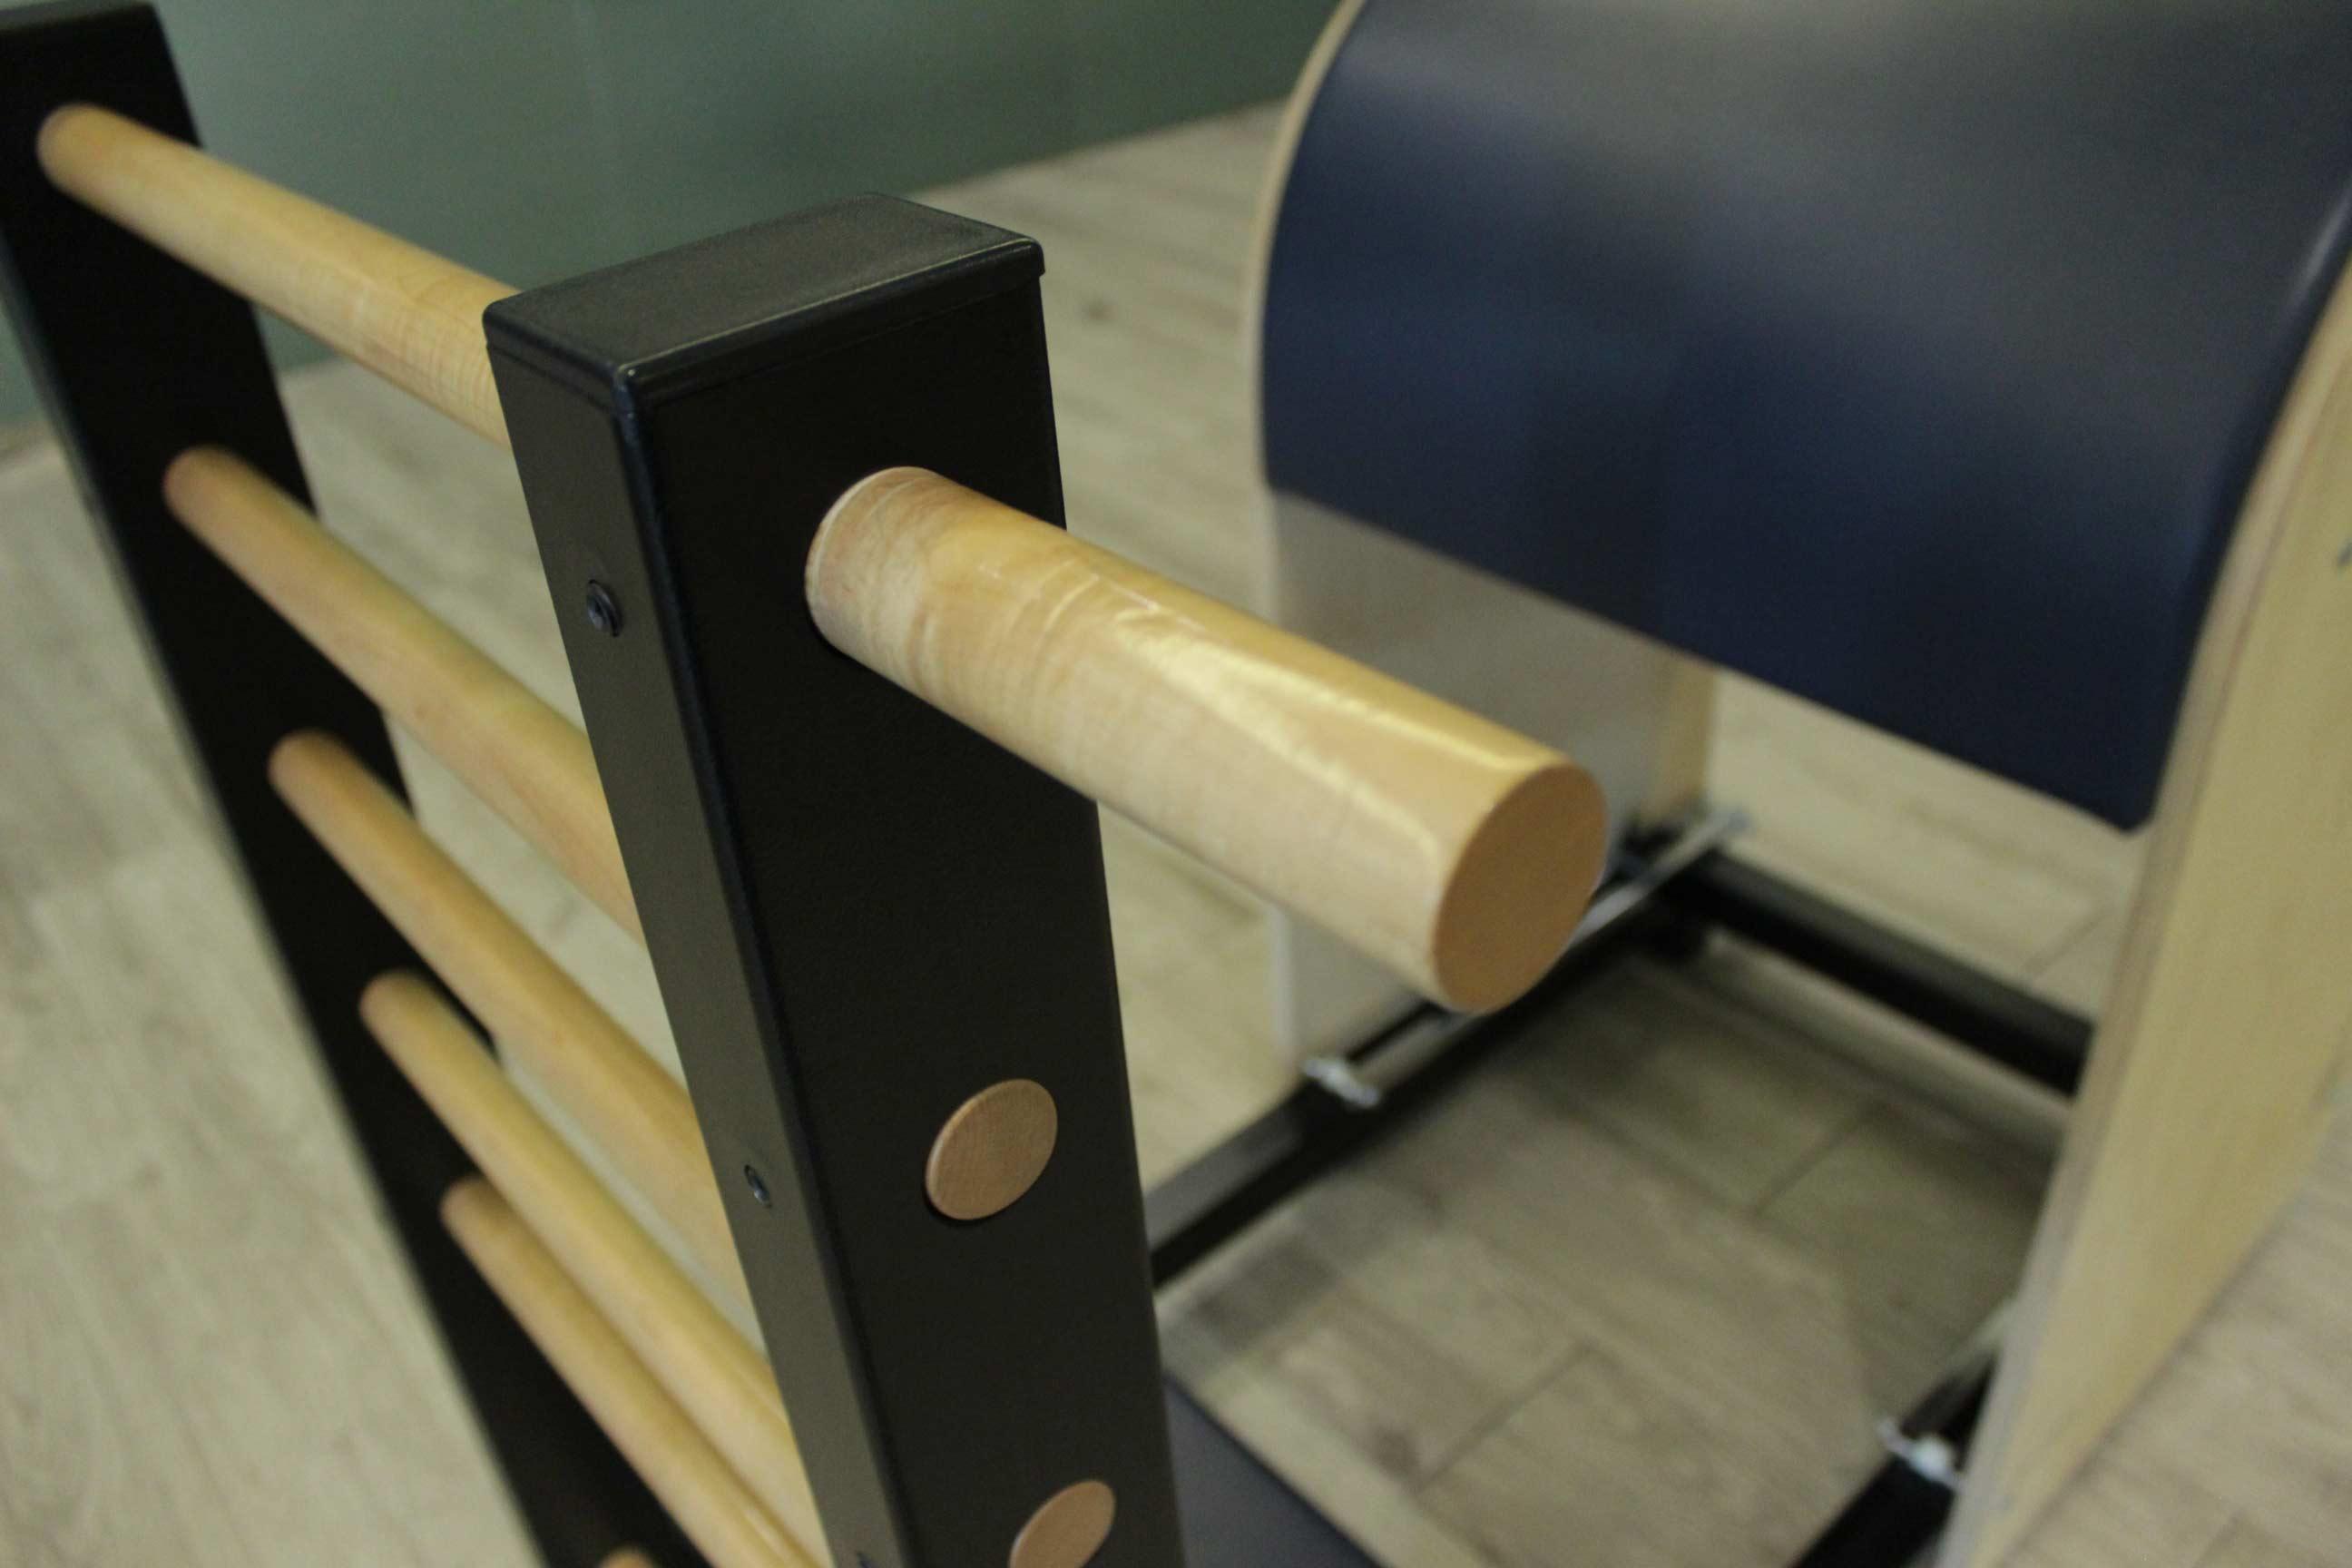 Ladder Barrel Pilates untuk Meningkatkan Fleksibilitas